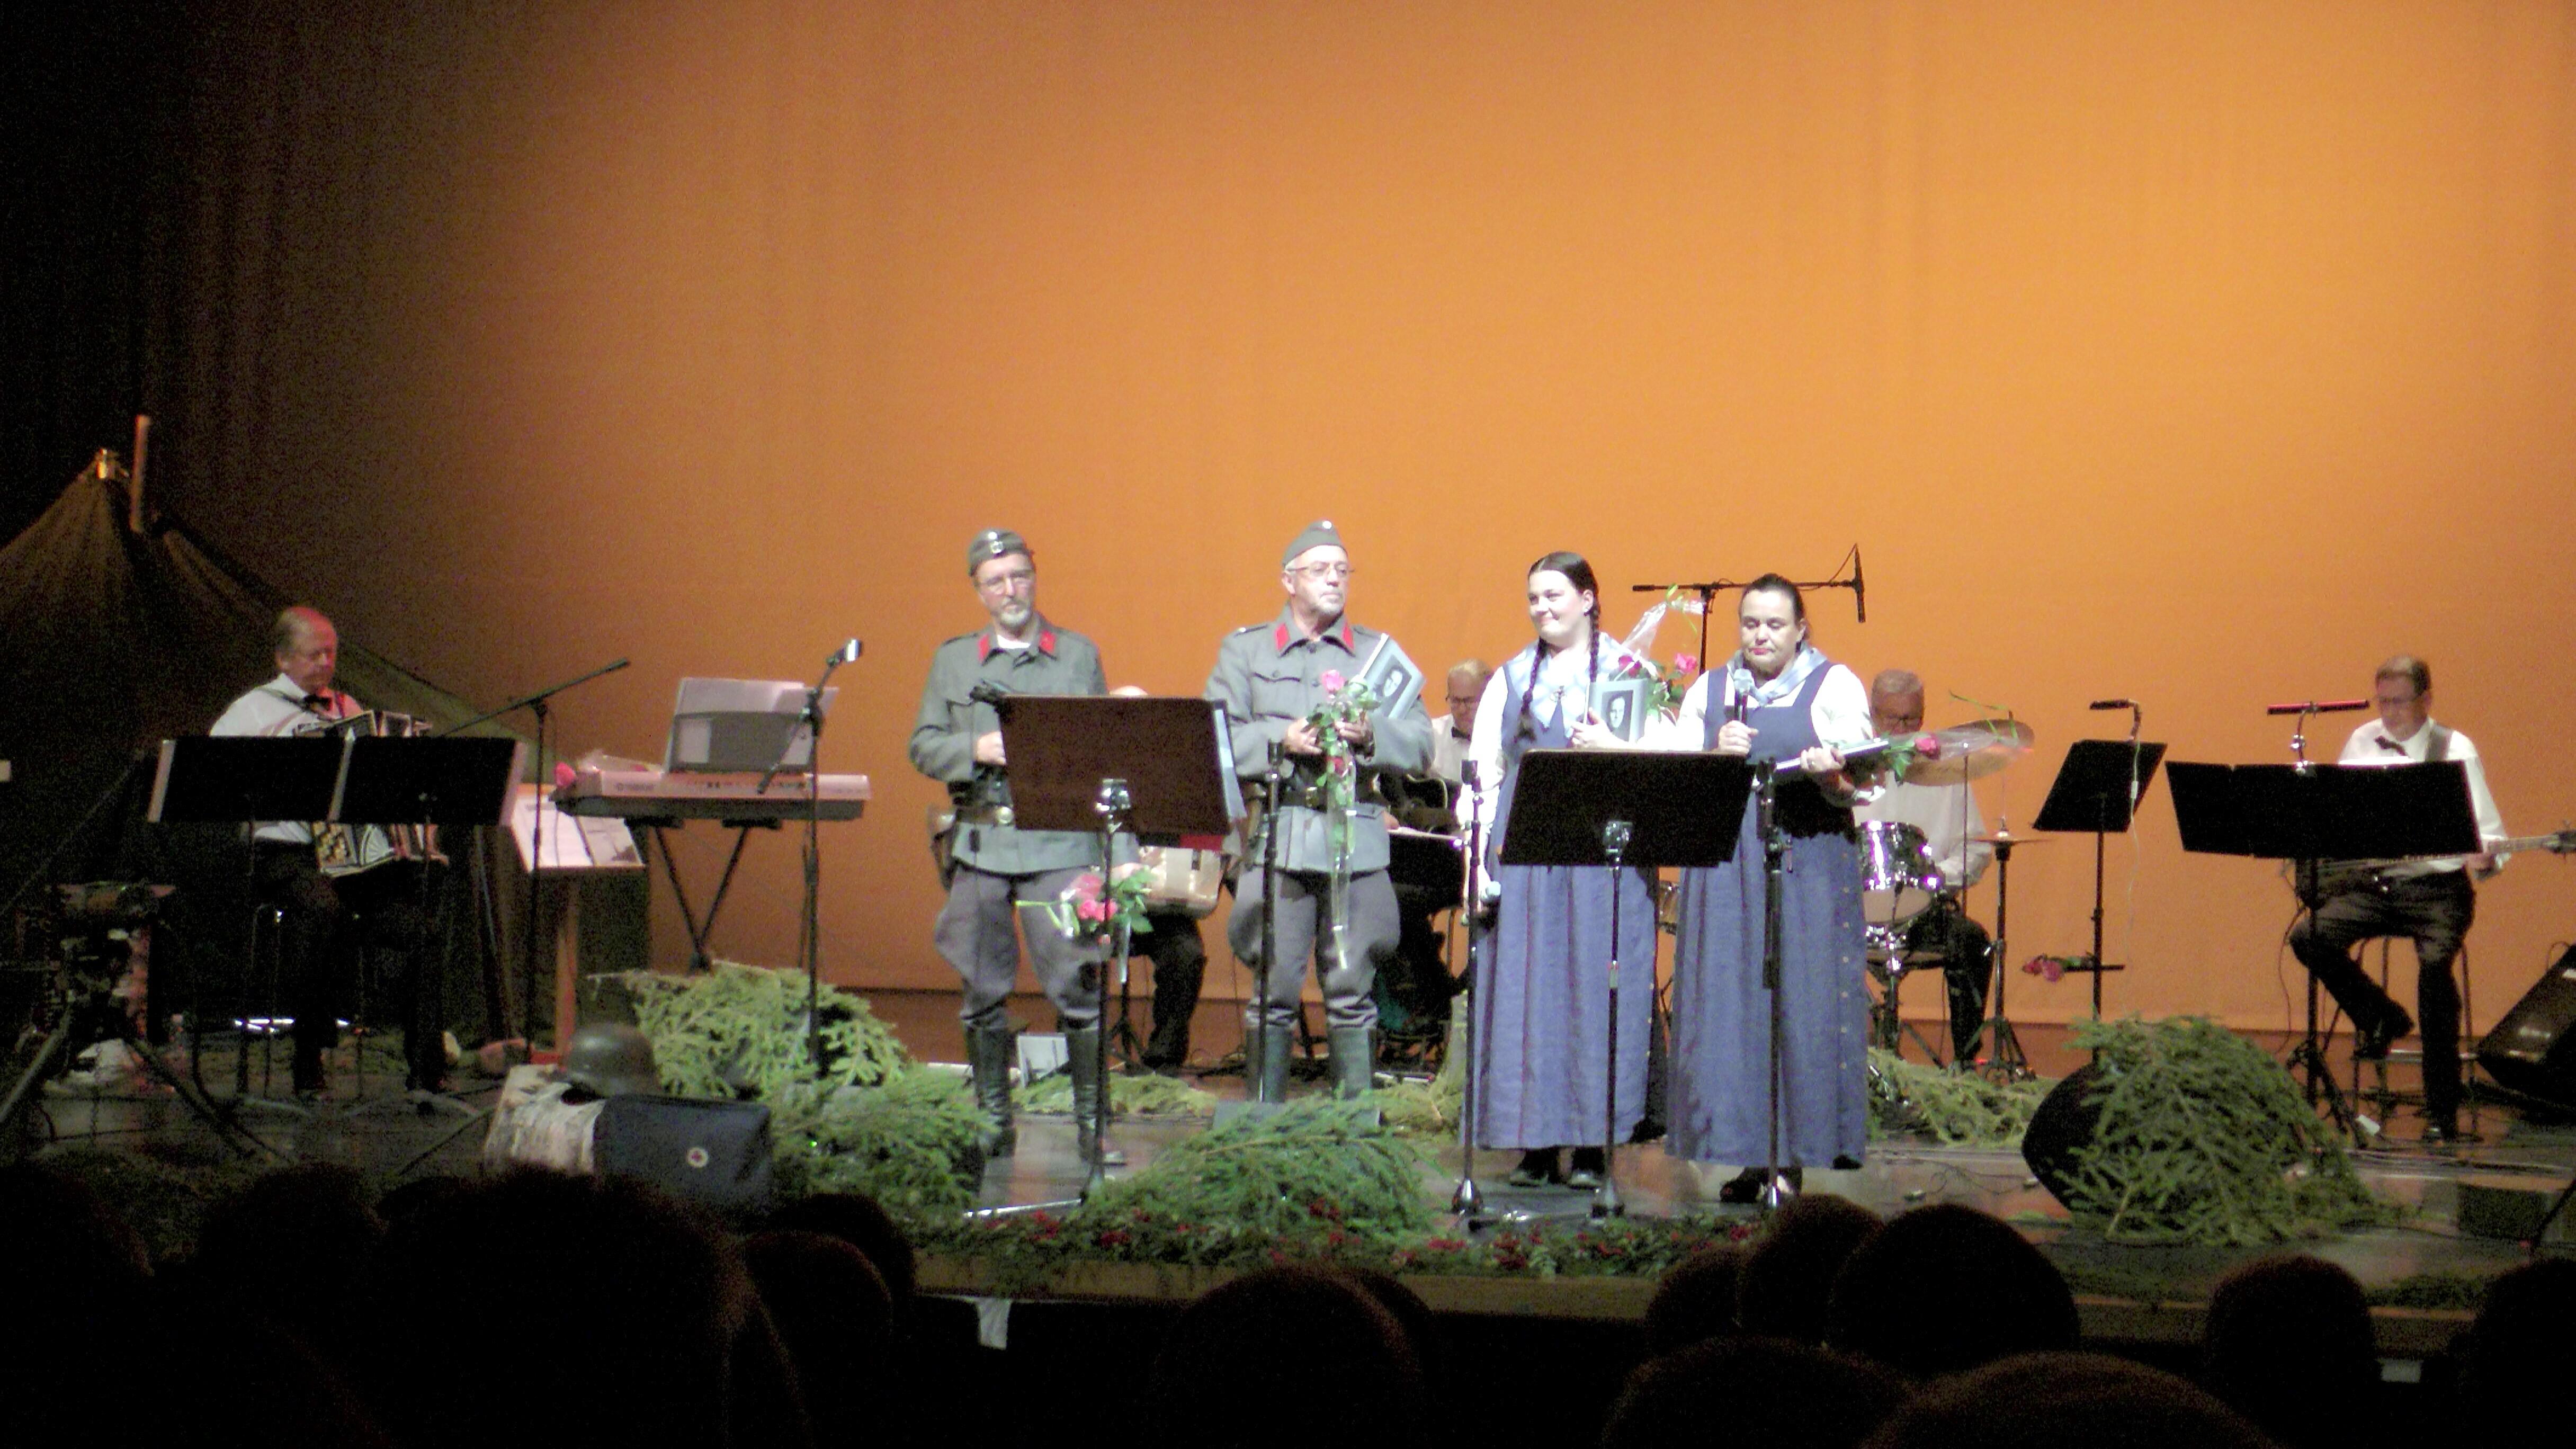 VETMUT-orkesteri Iisalmen kulttuurikeskuksen Kannakselta Rukajärvelle konsertissa 27.9.2014. Kuva Antero Huttunen.